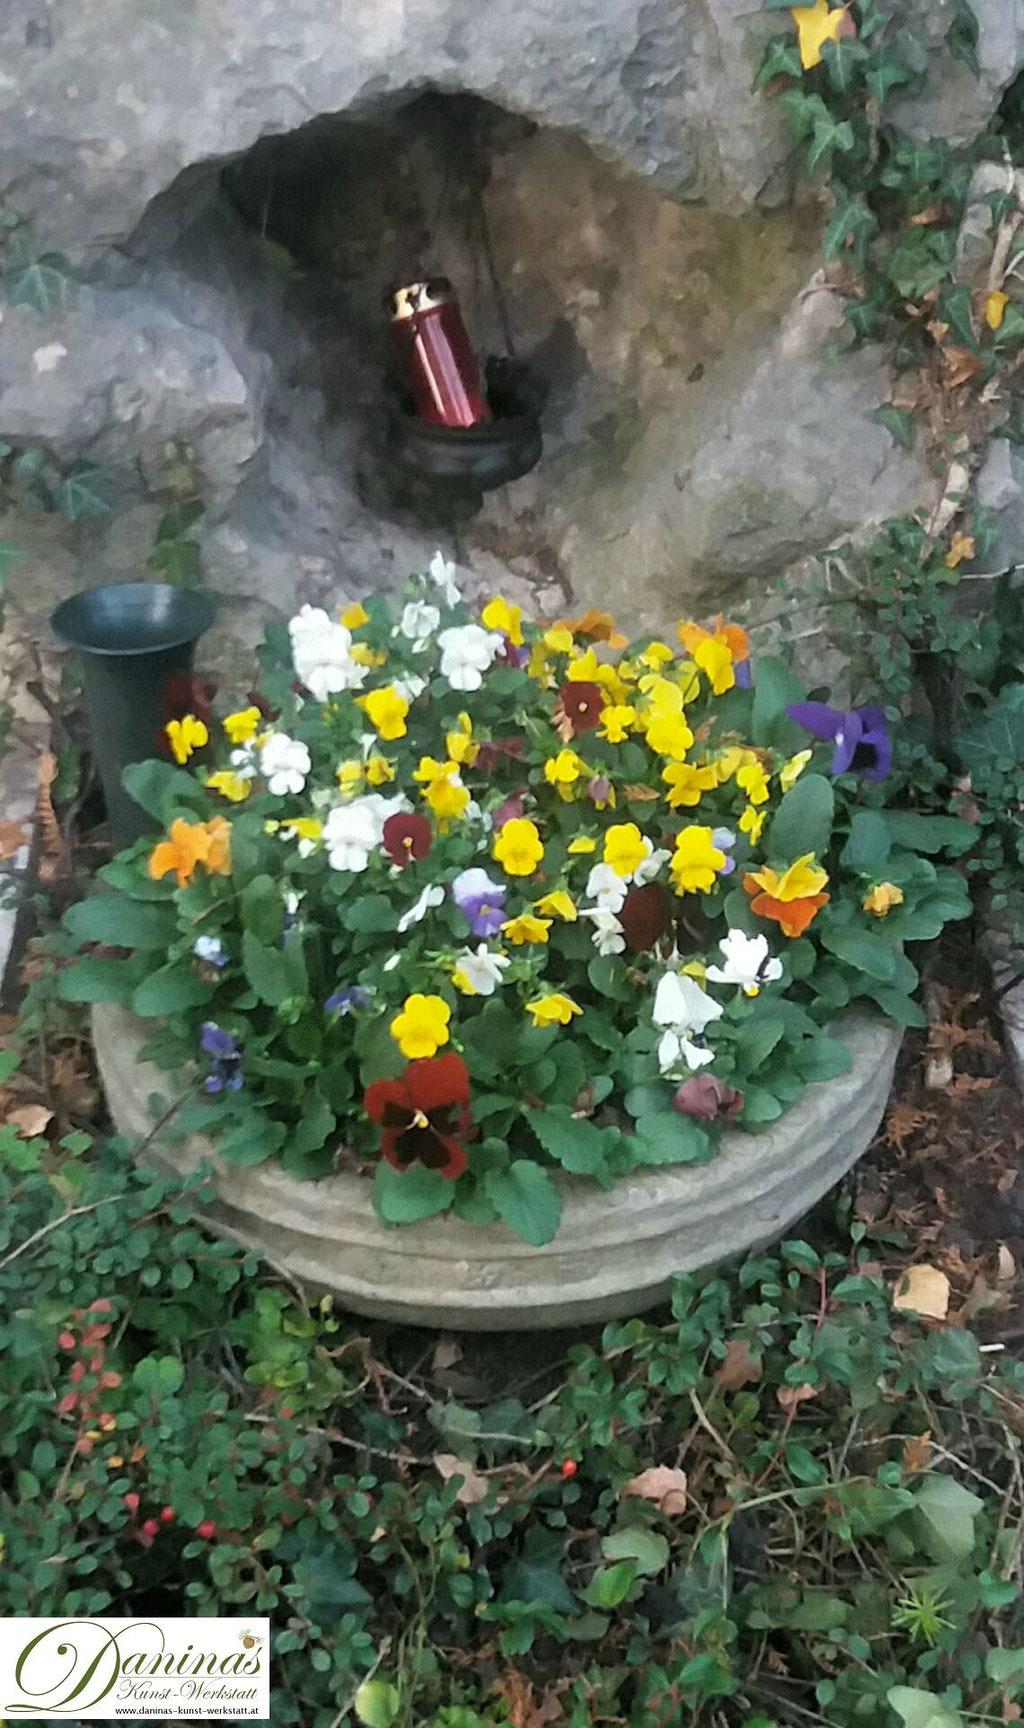 Grabgestaltung und Grabbepflanzung im Herbst pflegeleicht. Beispiele und Ideen zum Selbermachen.